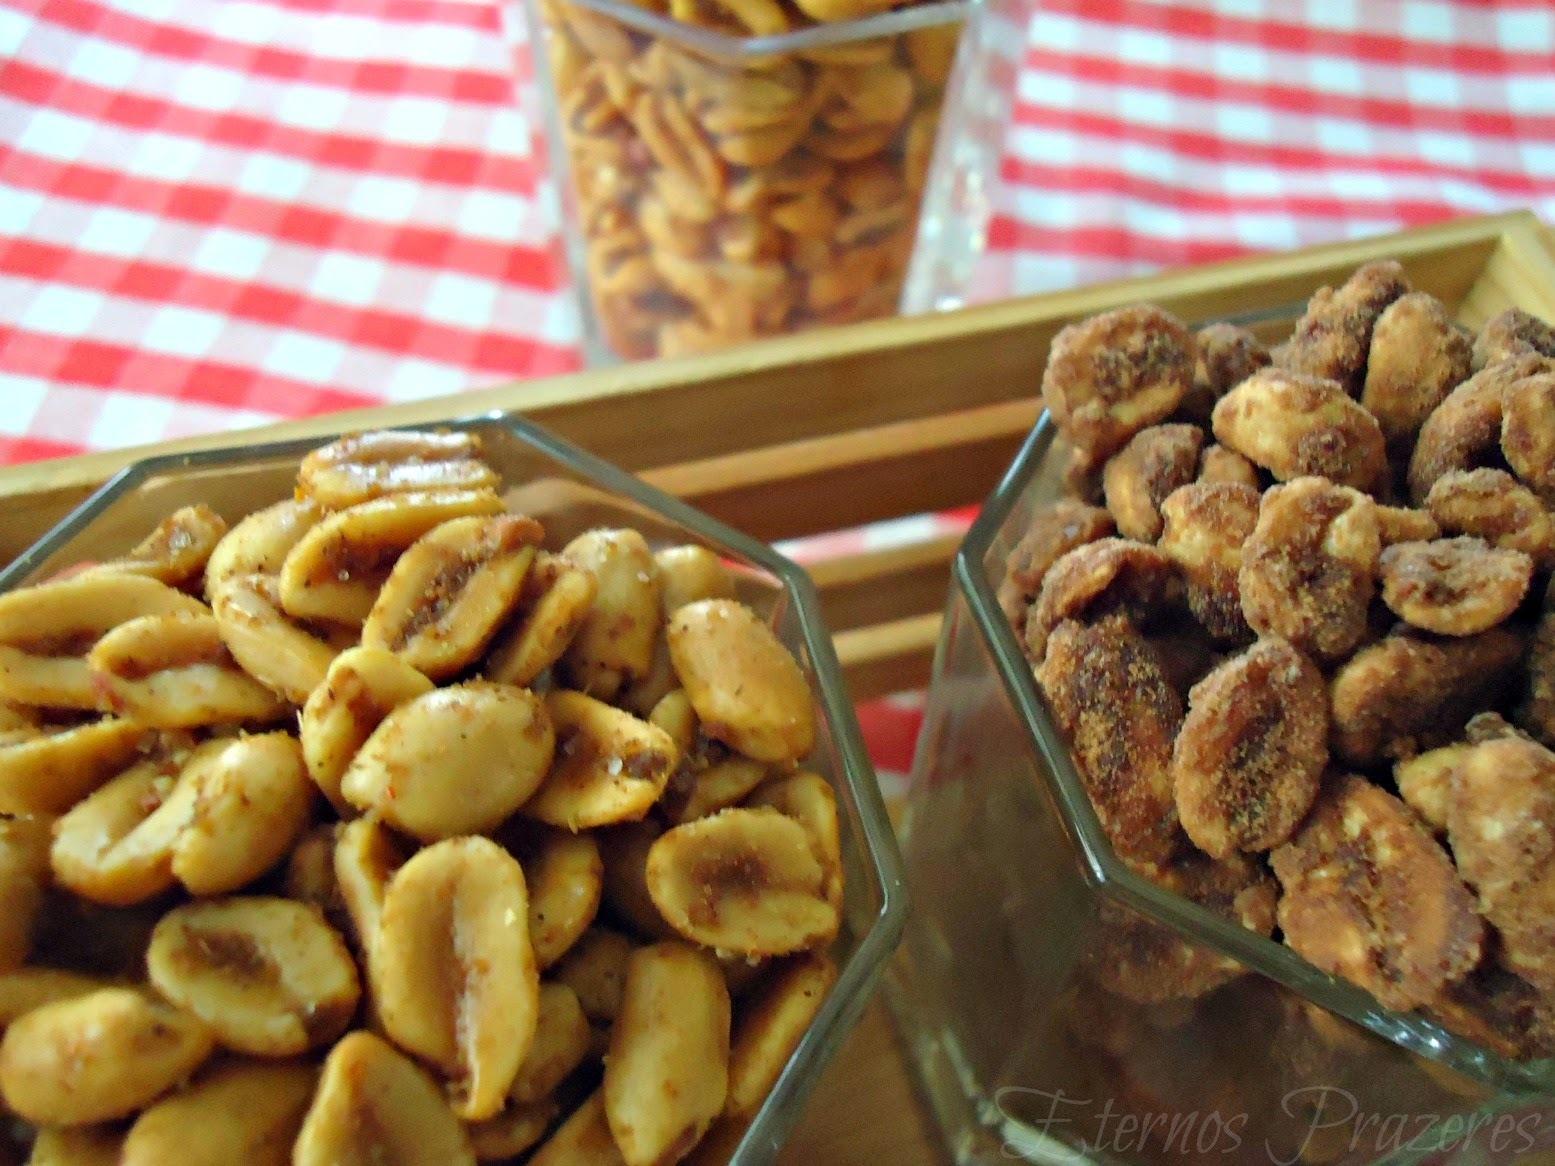 Amendoins, para sua torcida ficar aquecida!